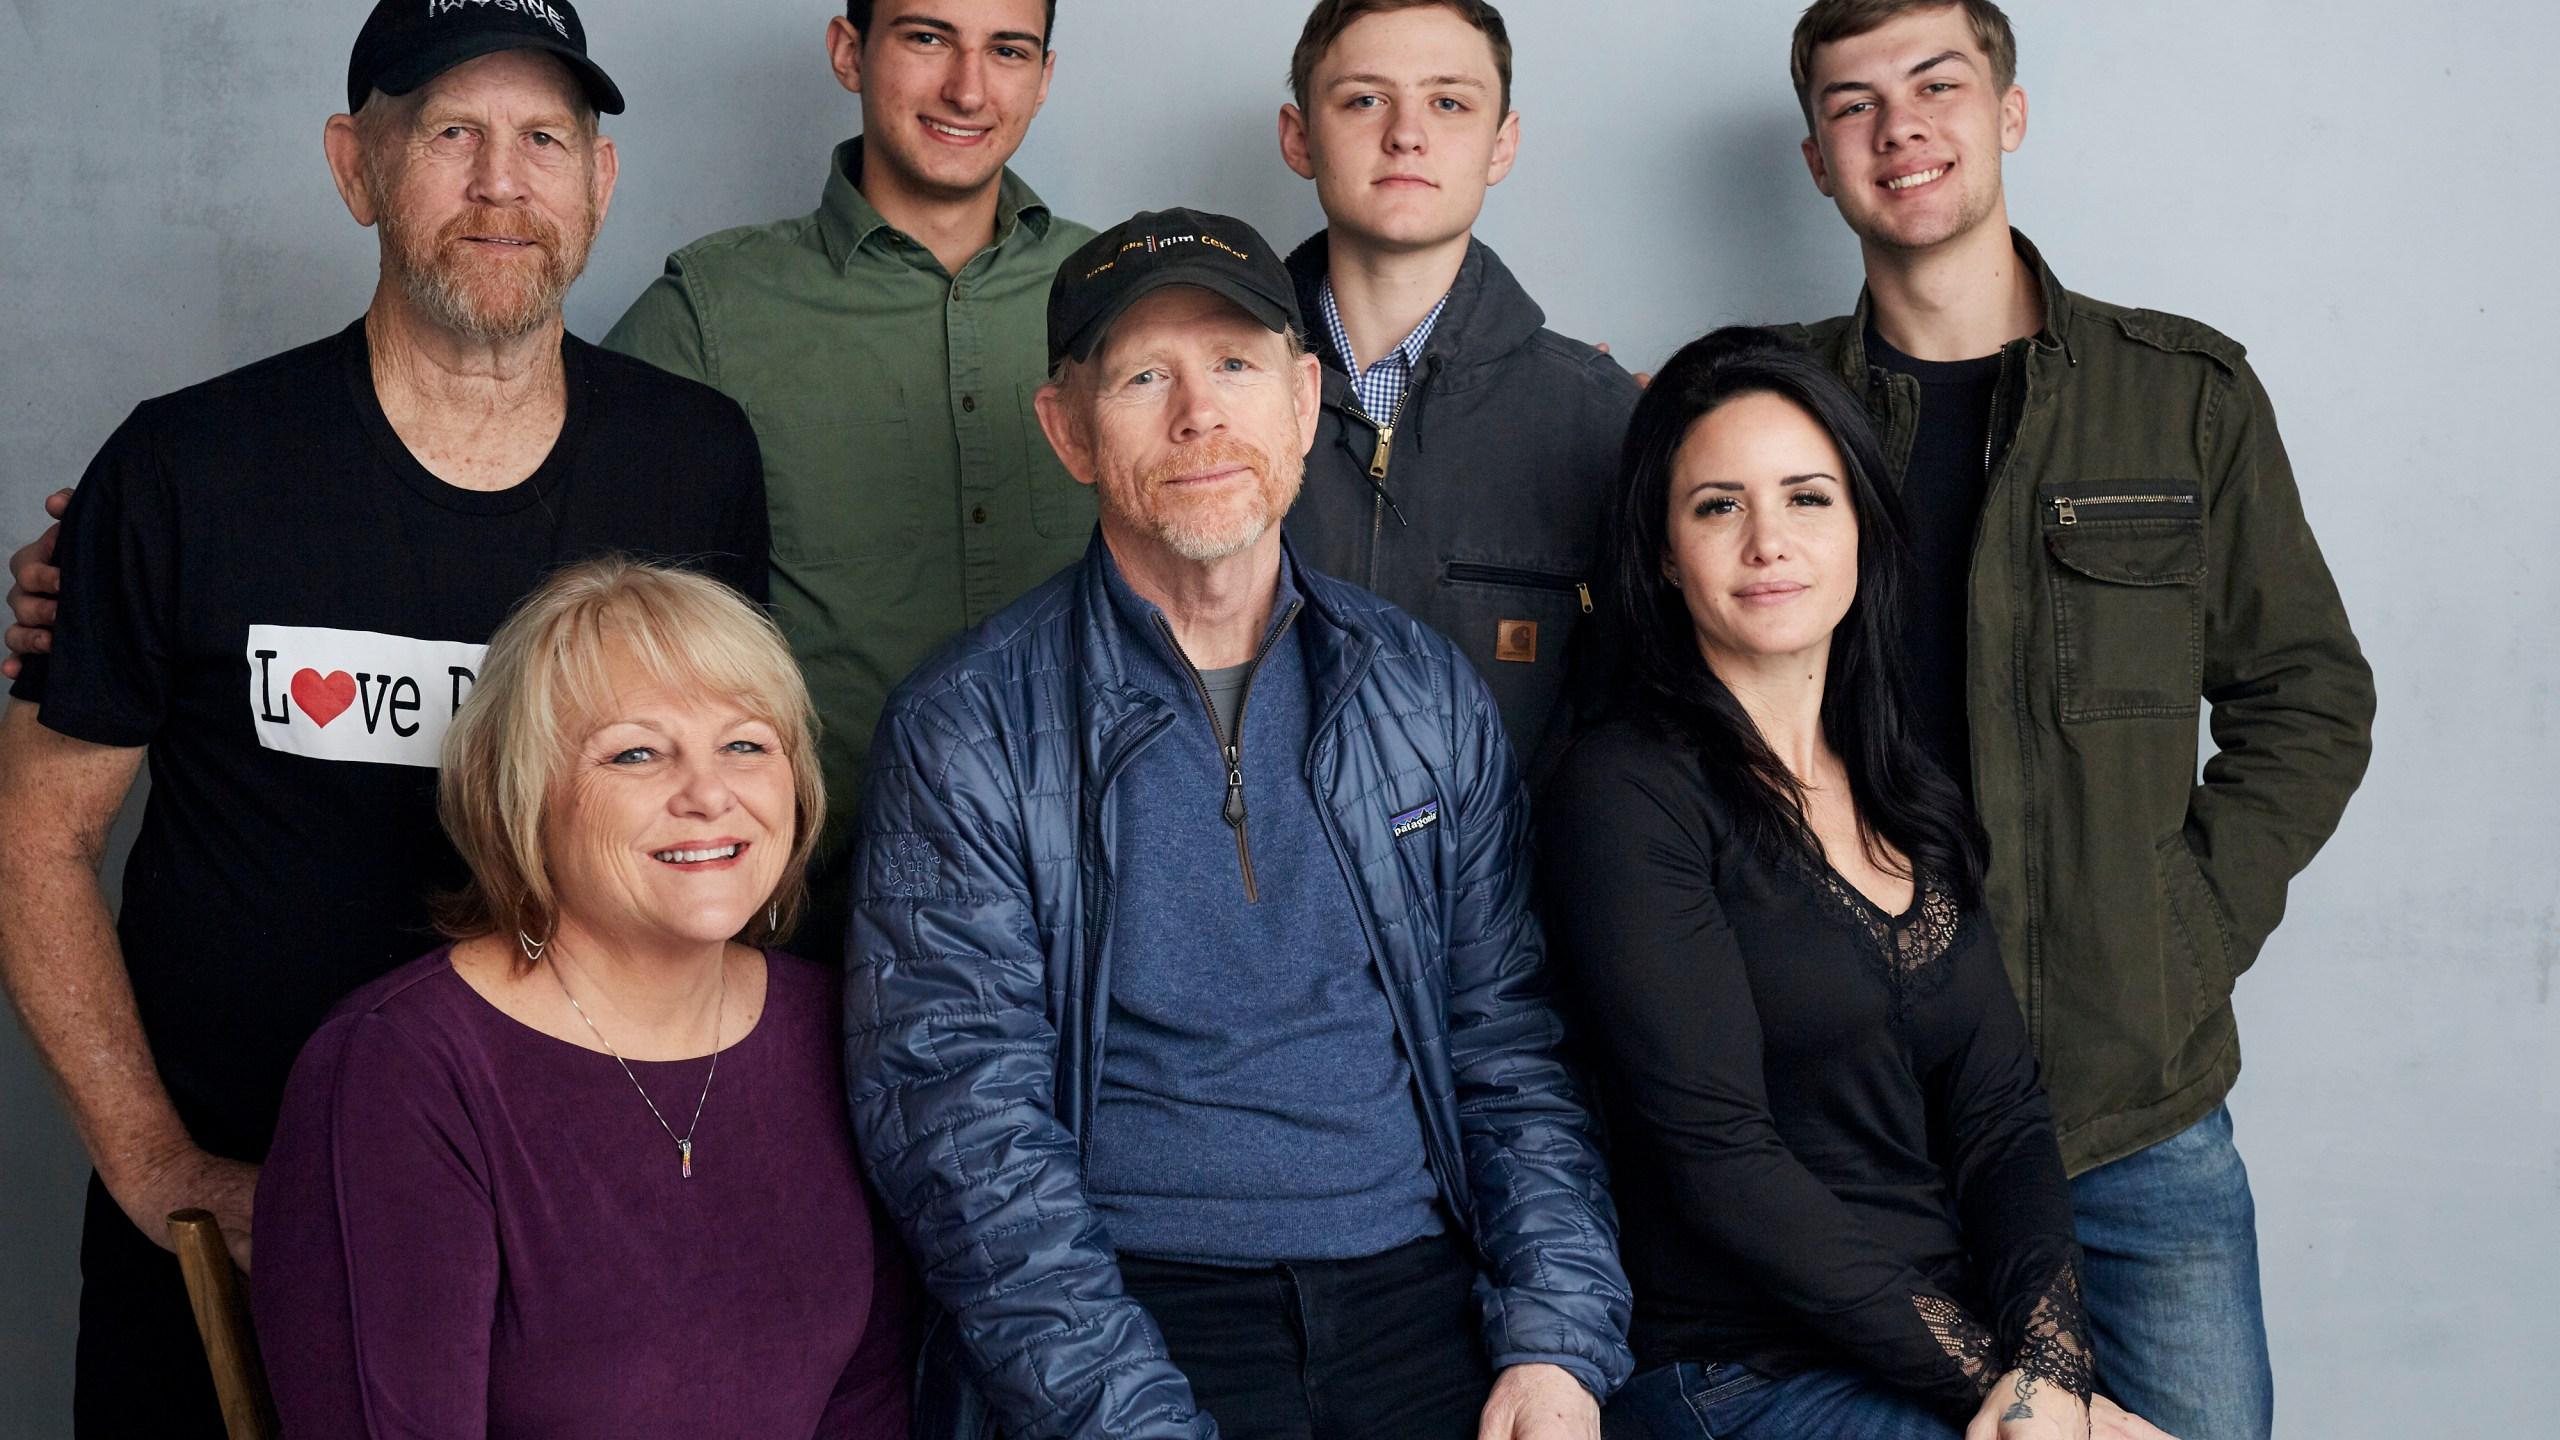 Steve (Woody) Culleton, Bryson Groh, Zach Boston, Brandon Burke, Michelle John, Ron Howard, Carly Jean Ingersoll